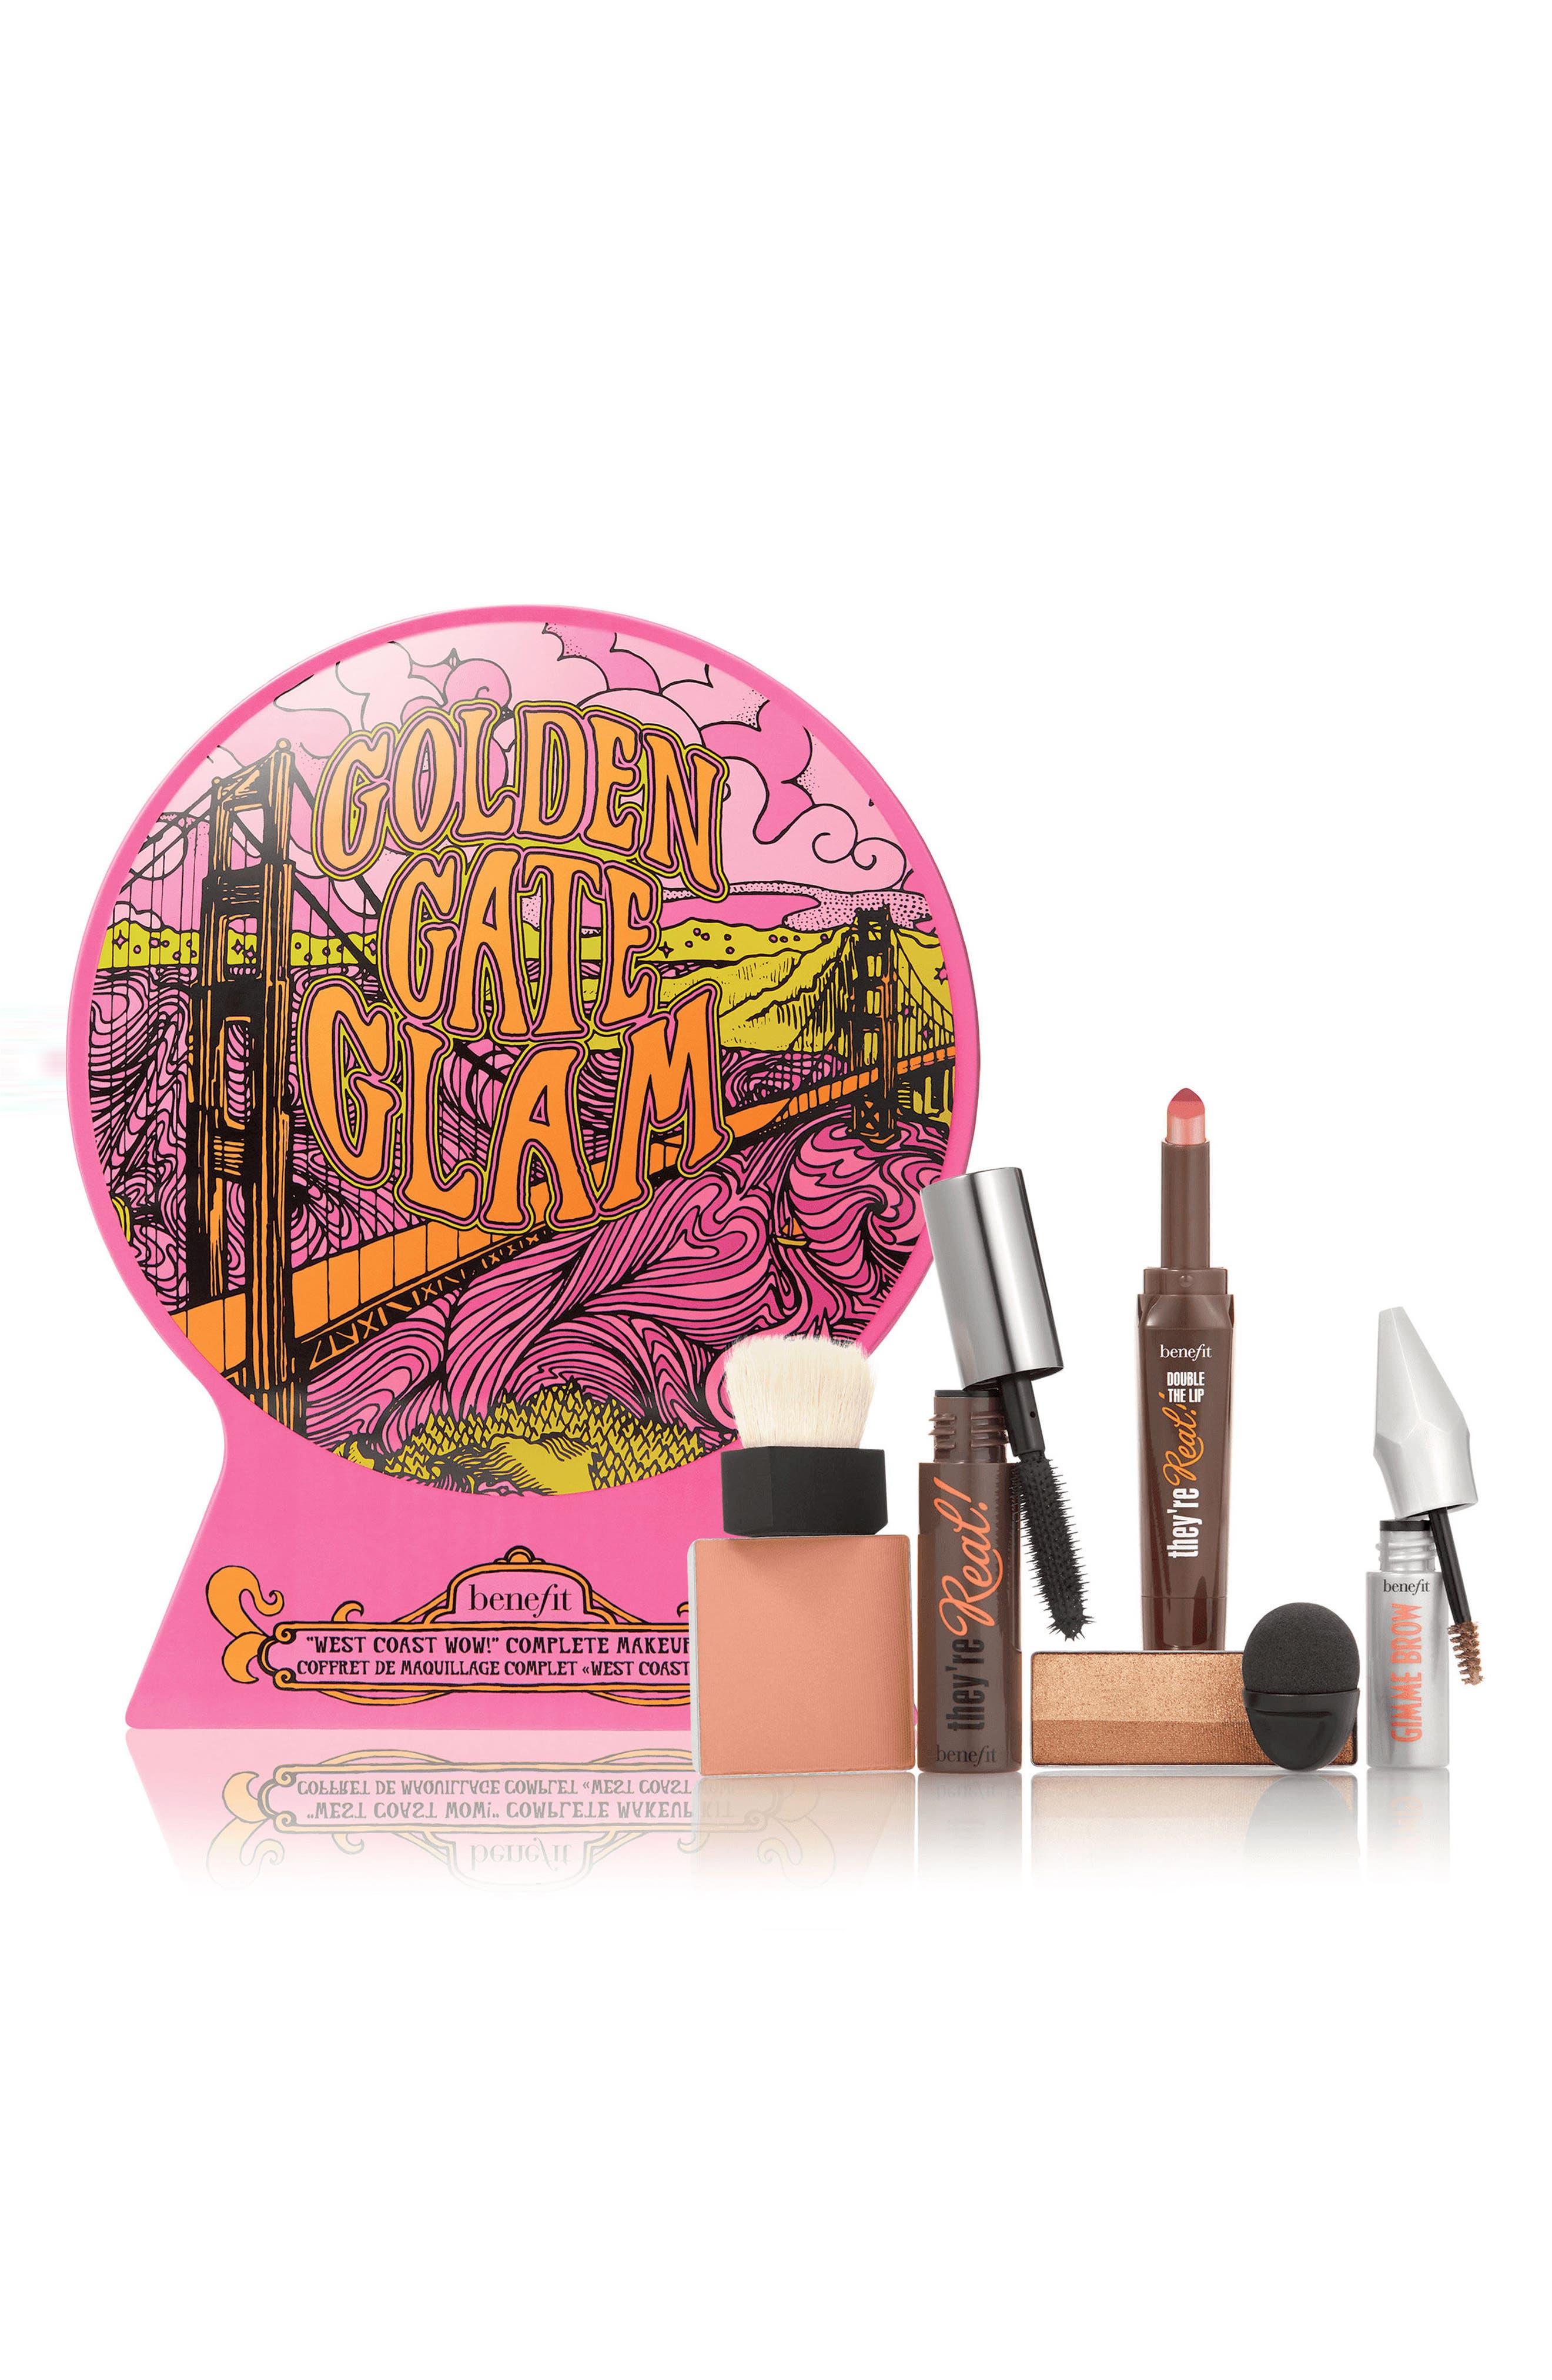 Main Image - Benefit Golden Gate Glam Complete Makeup Kit ($61 Value)